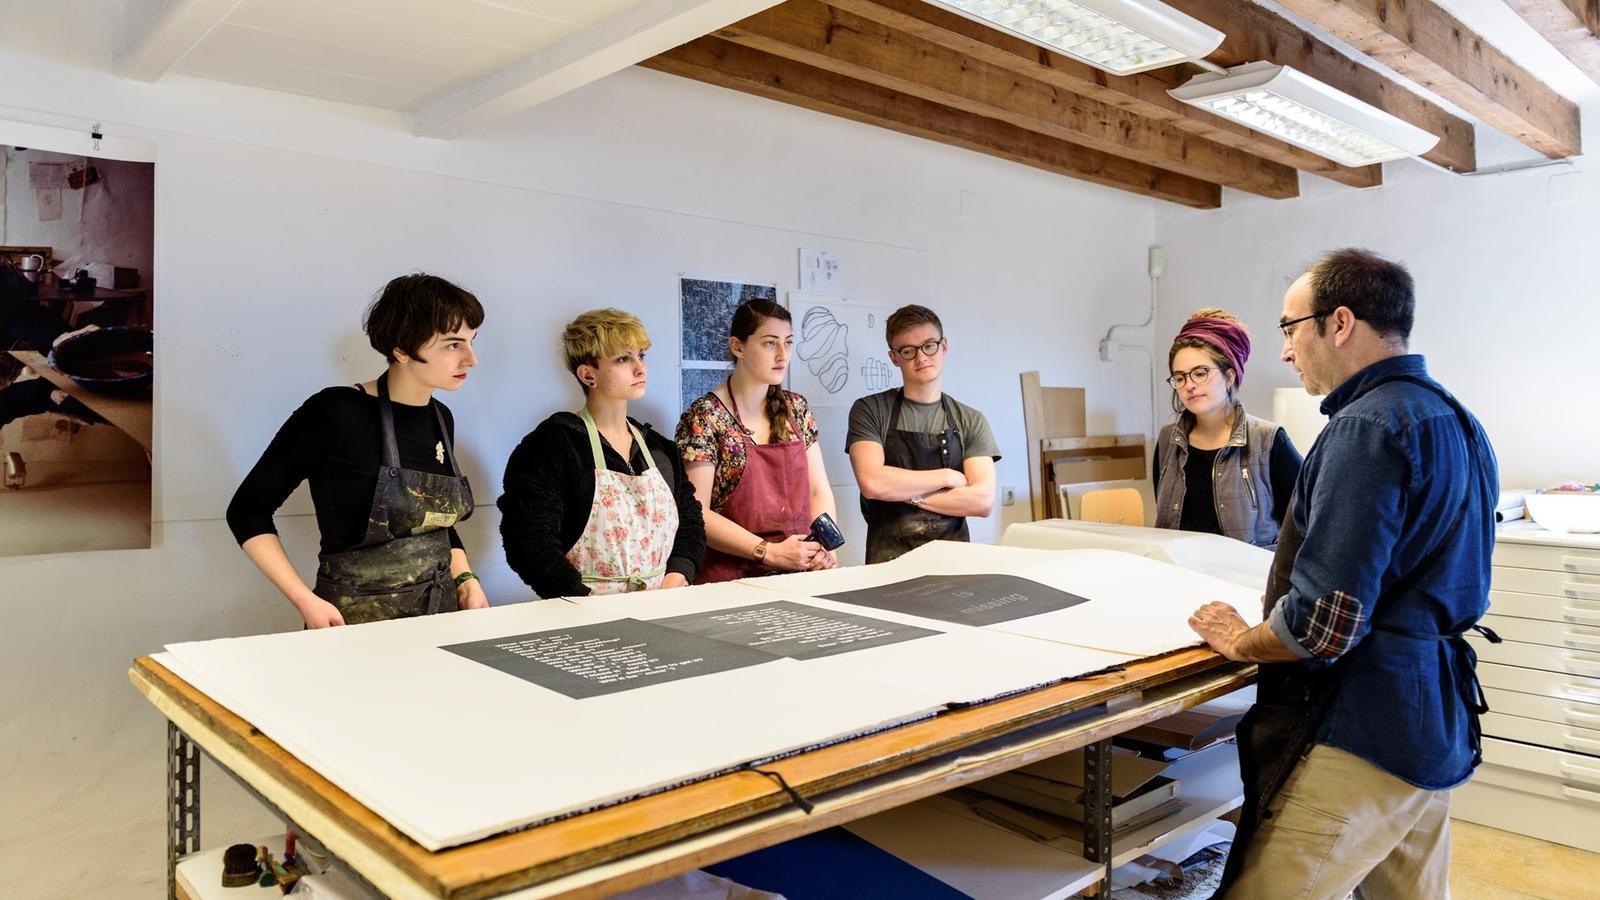 Imatge arxiu d'una de les estades artístiques als tallers de Miró